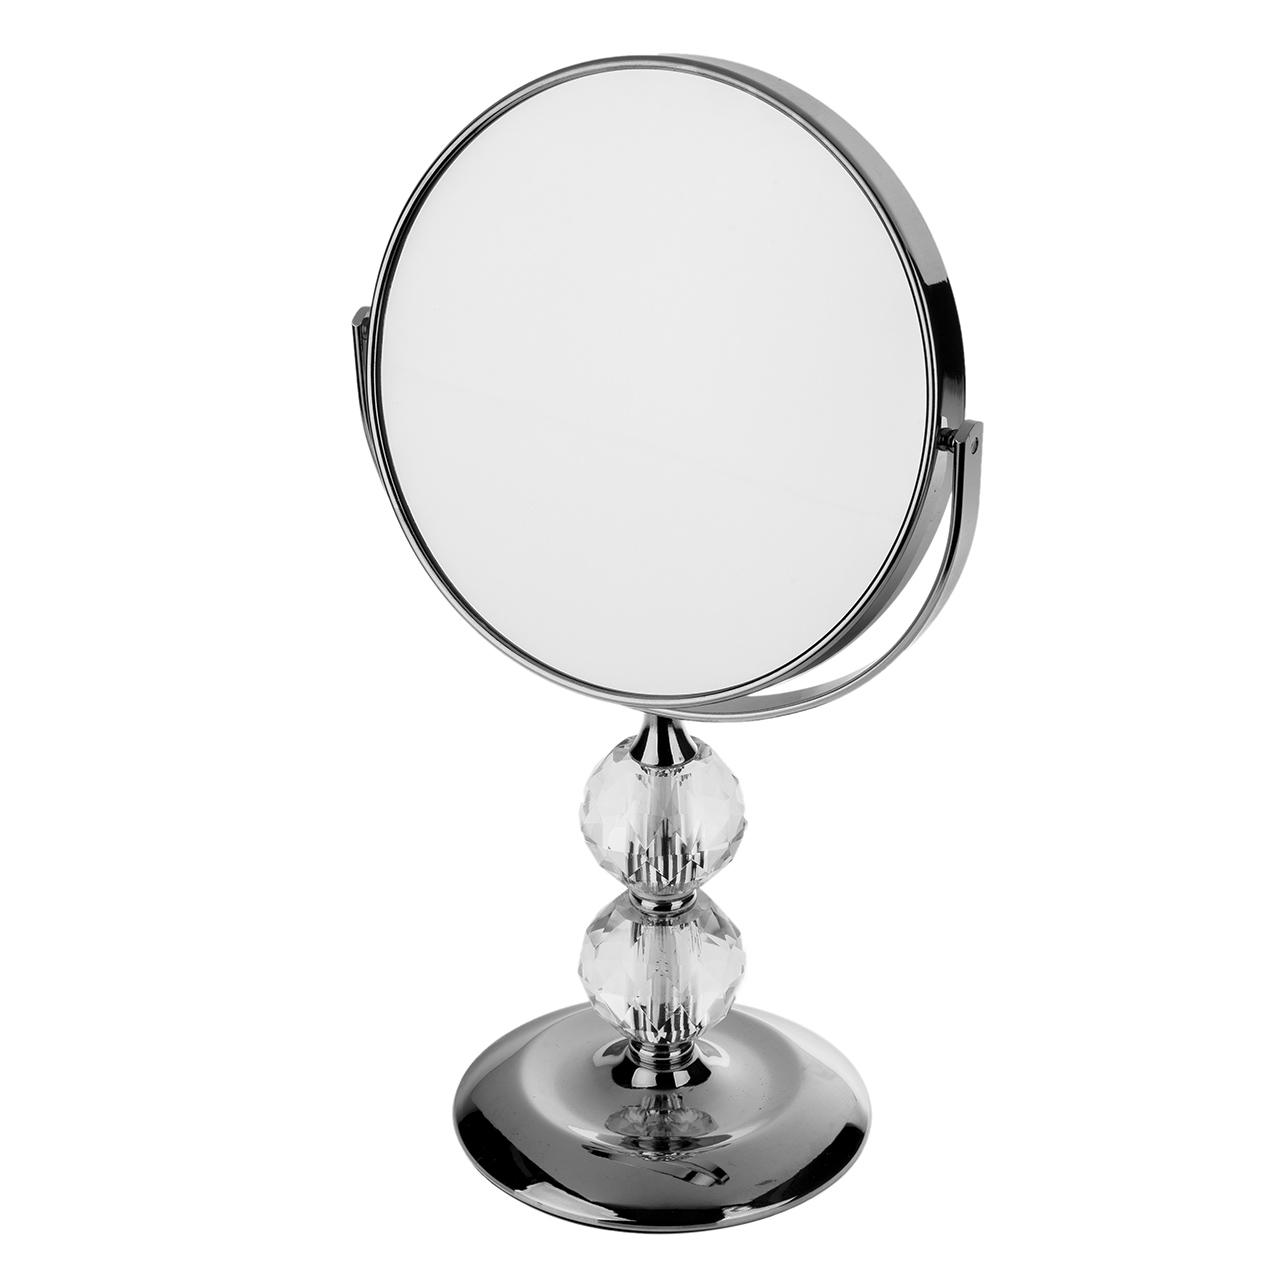 آینه آرایشی کد J739 با بزرگنمایی 5X